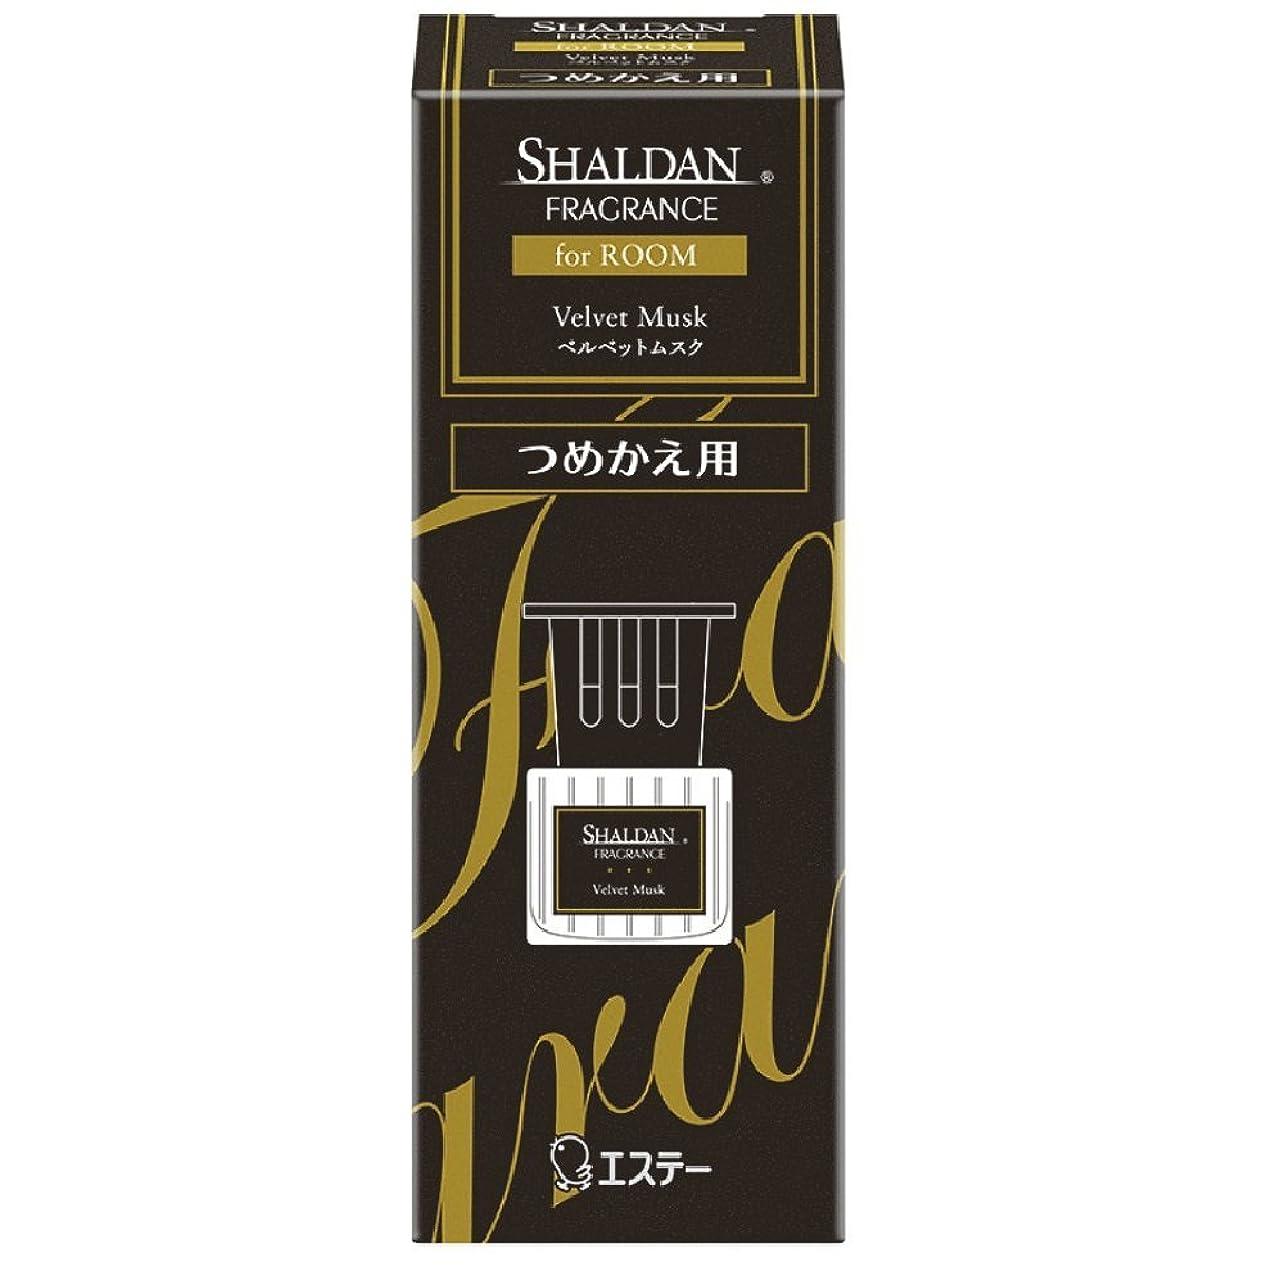 かけがえのないクリップ情熱シャルダン SHALDAN フレグランス for ROOM 芳香剤 部屋用 部屋 つめかえ ベルベットムスク 65ml